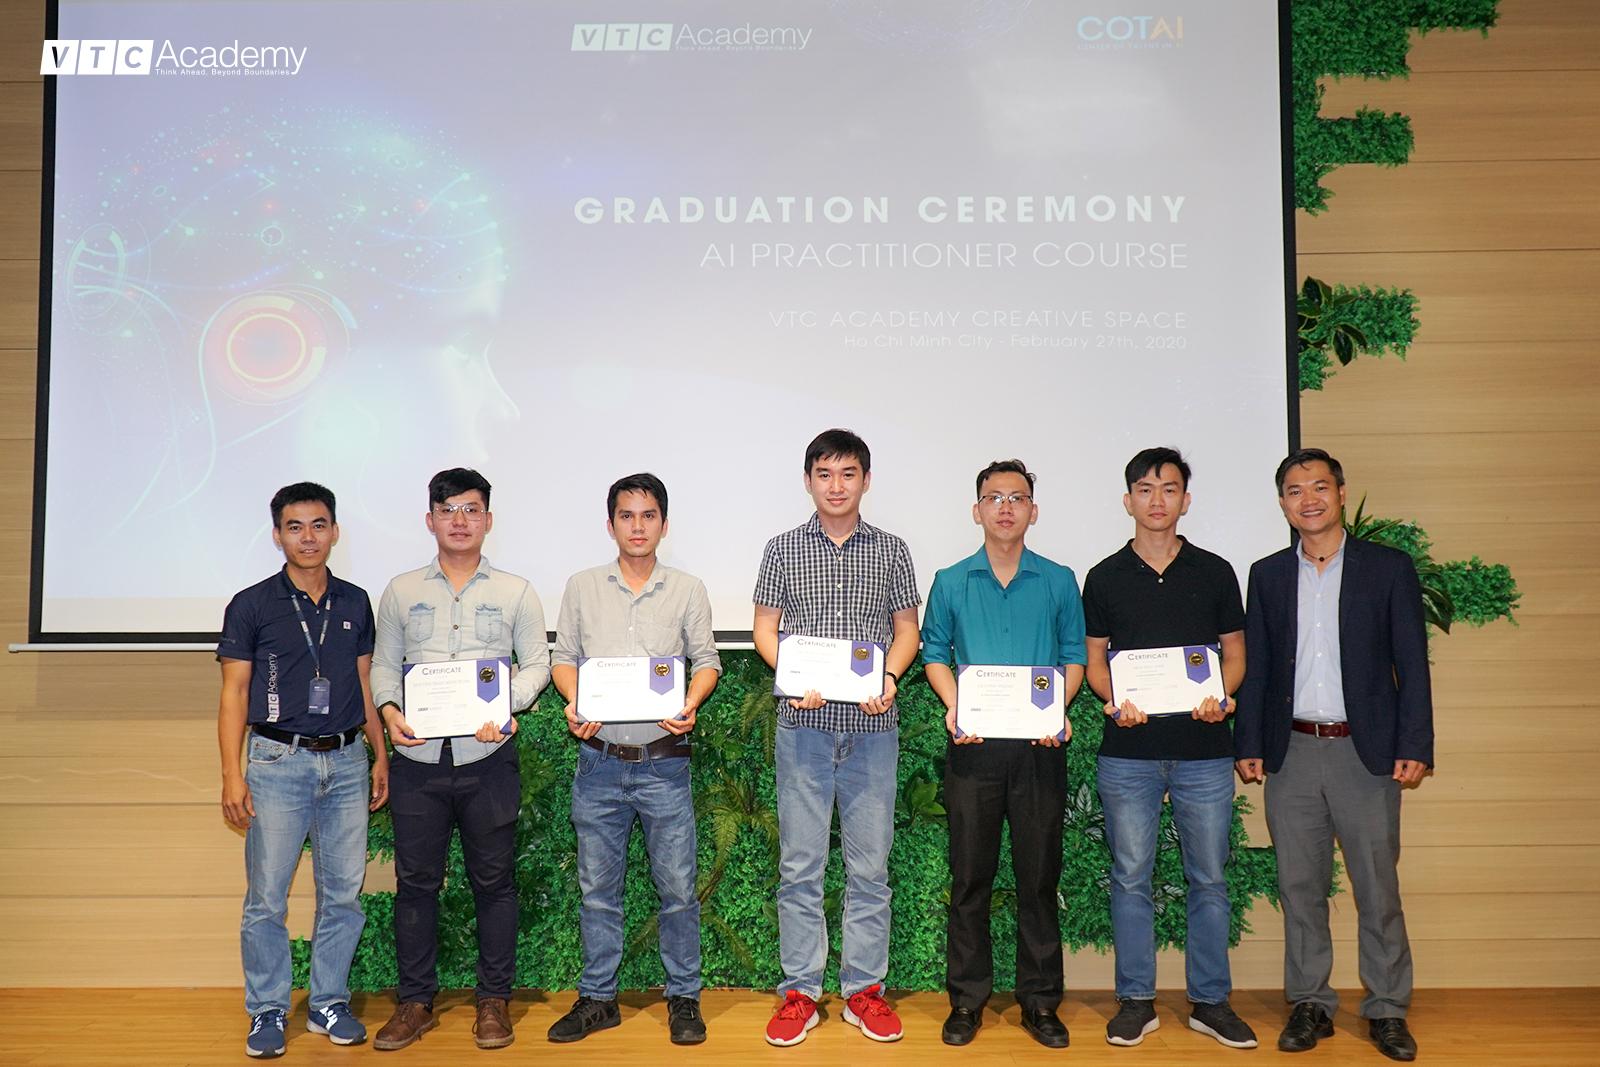 VTC Academy tổ chức lễ tốt nghiệp khóa AI Practitioner đầu tiên